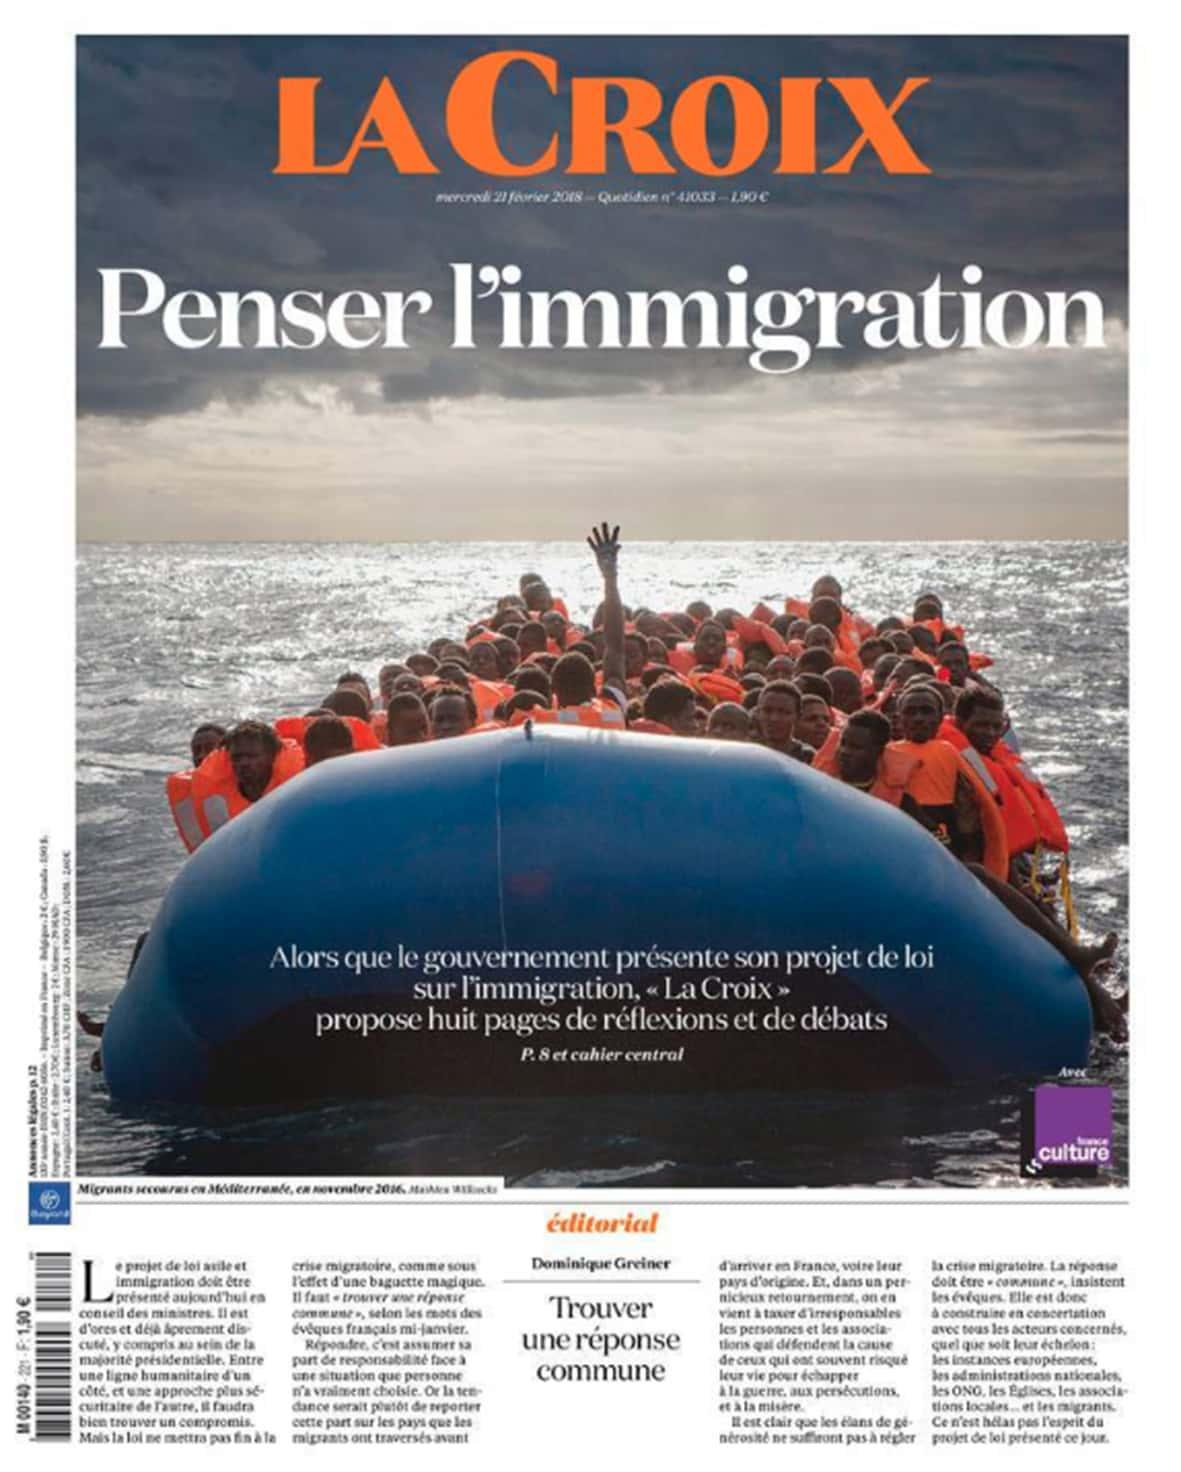 La Croix immigration